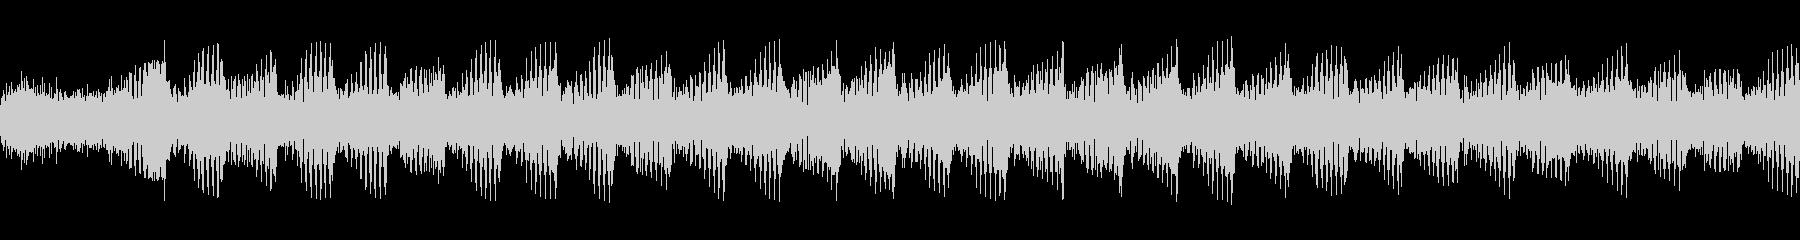 ヘビーギター3、BPM140、A、リフの未再生の波形